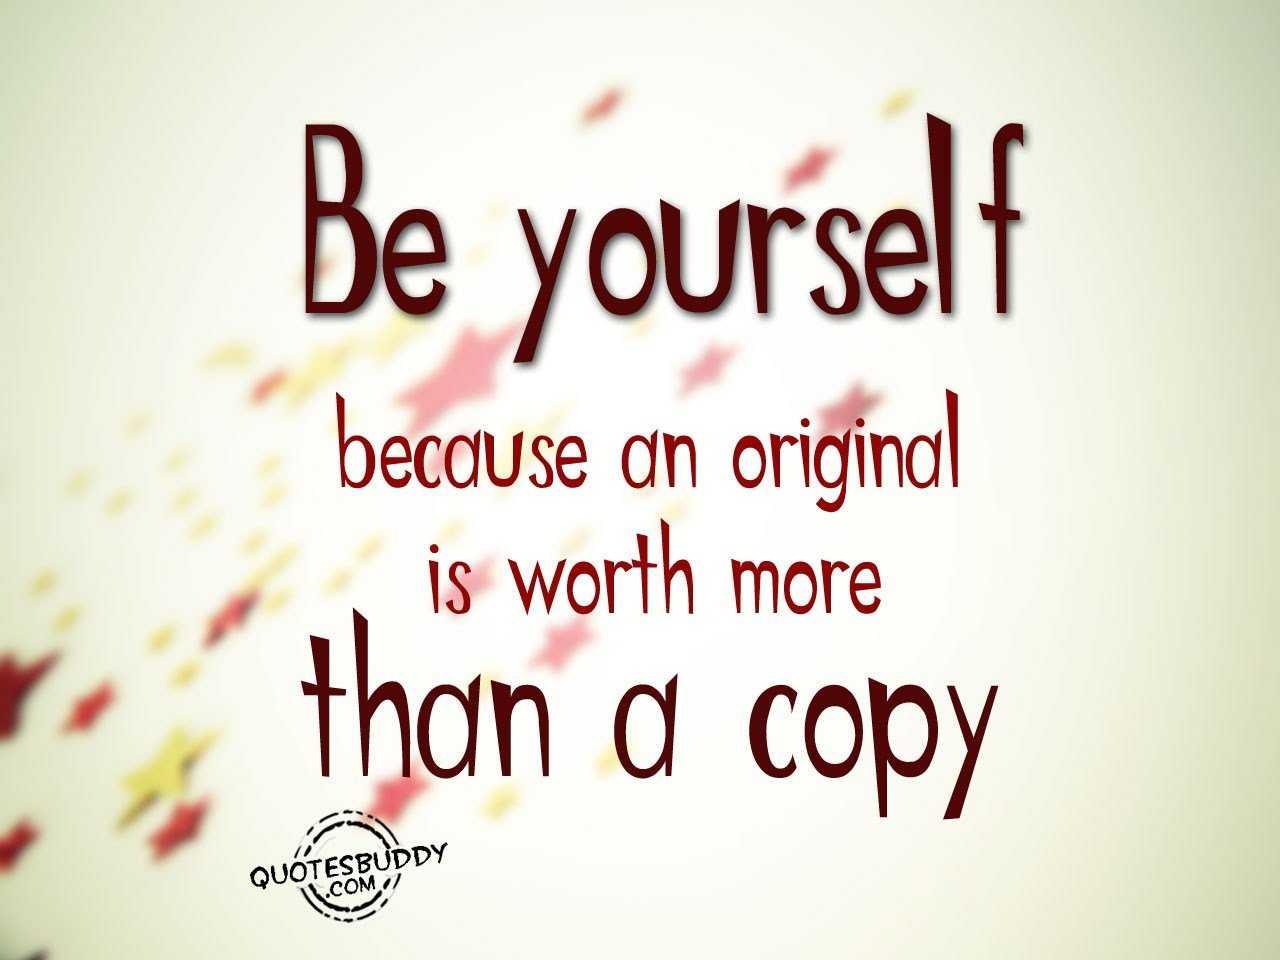 jangan jadi duplikat orang lain jadilah diri sendiri halaman all